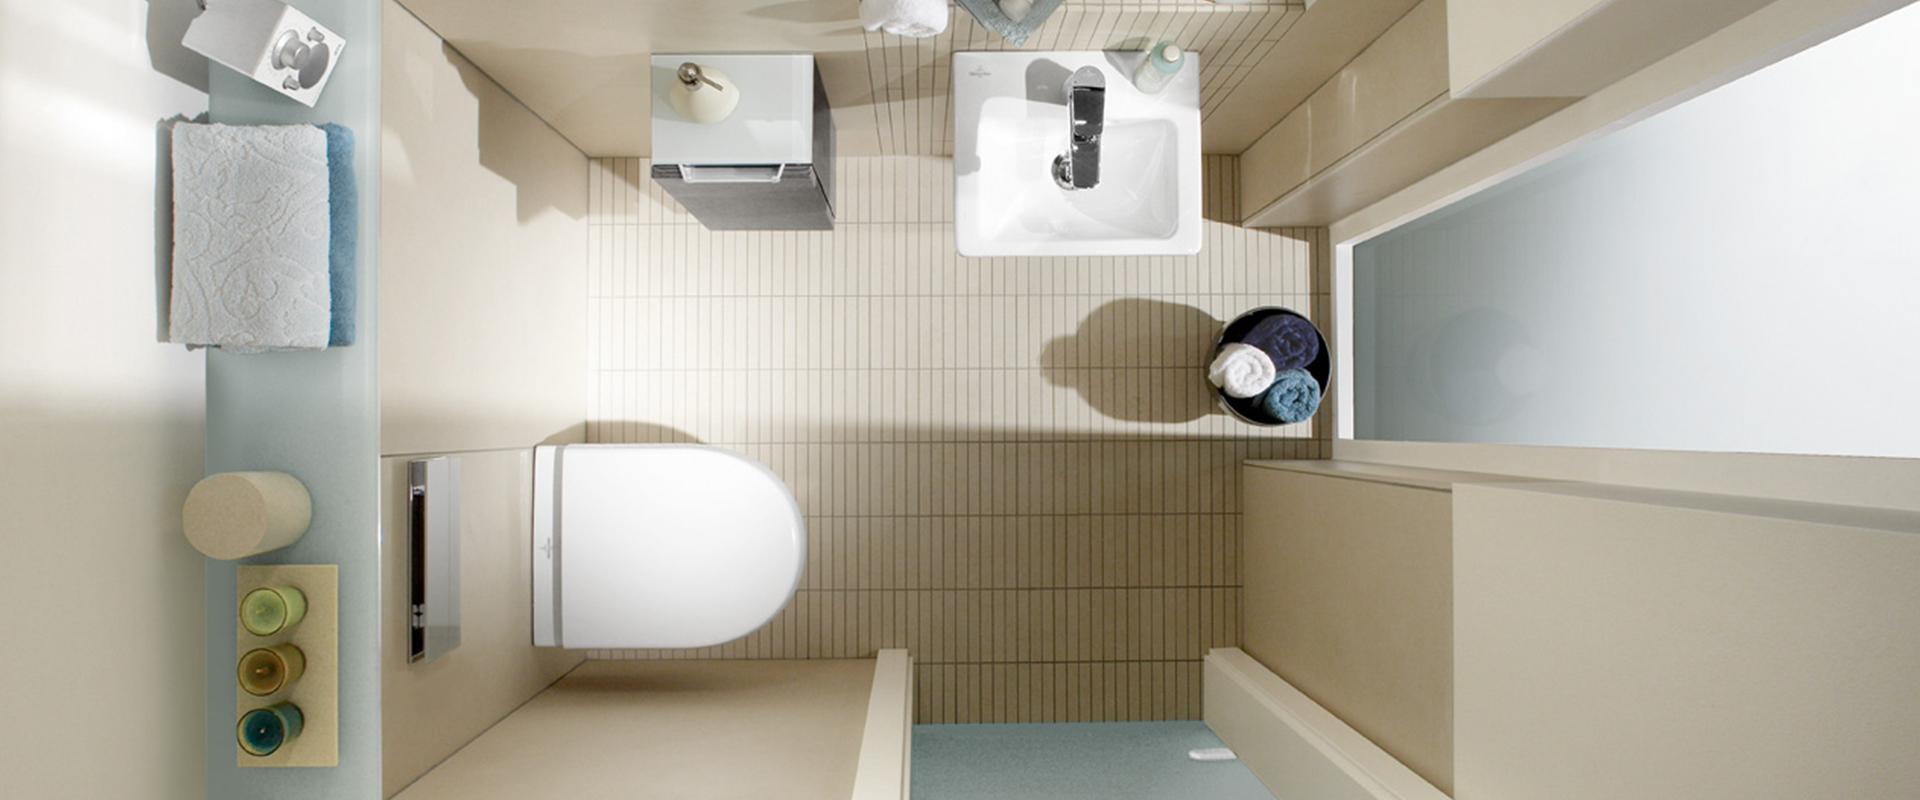 Bagno Moderno Con Mosaico: Produzione Tessere in Oro per Mosaico ...